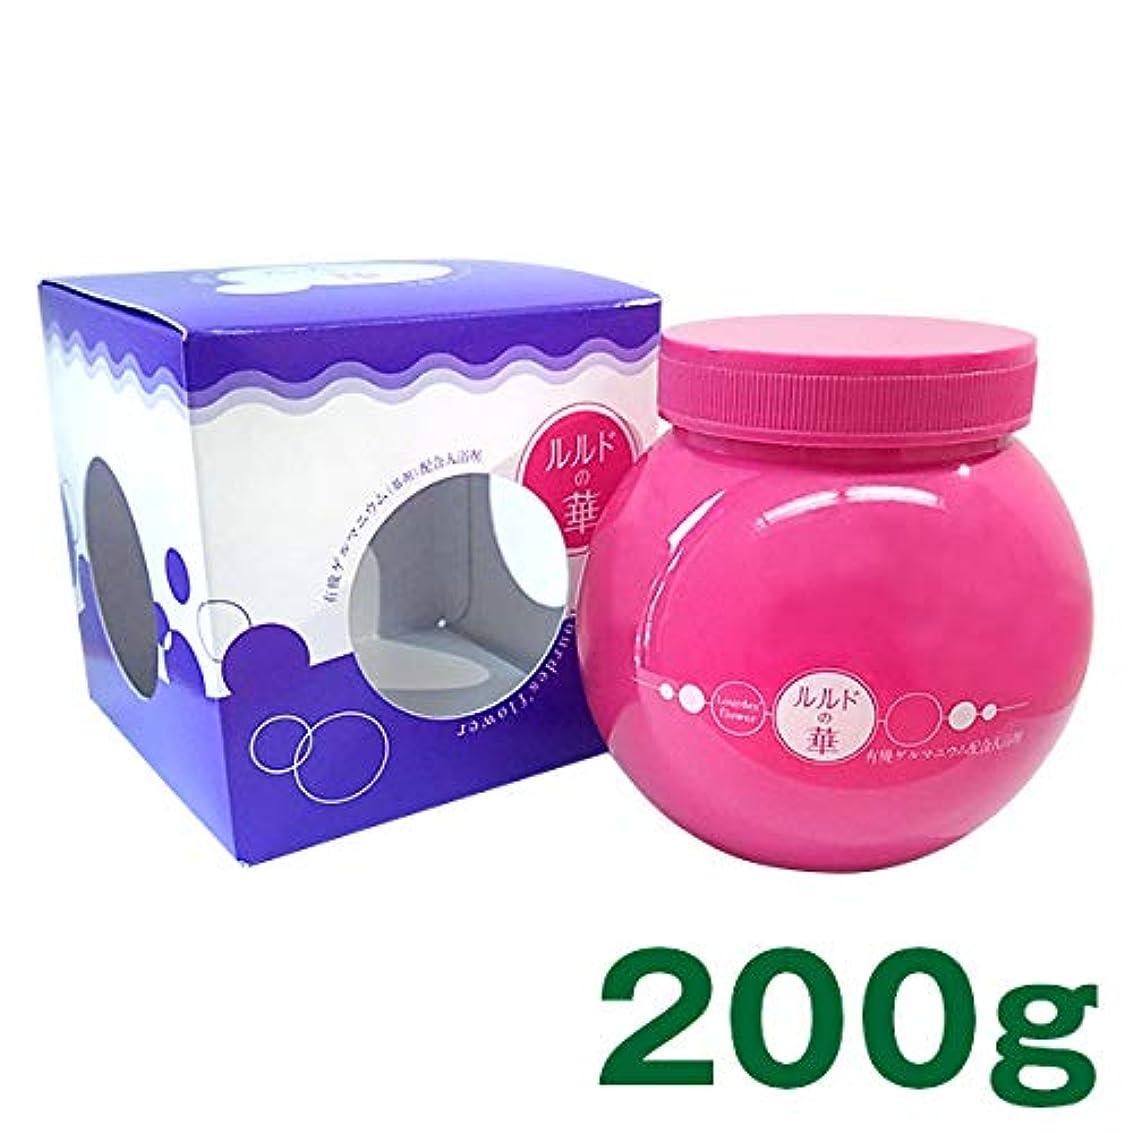 有機ゲルマニウム8.0%配合入浴剤【ルルドの華(ボトル)】200g